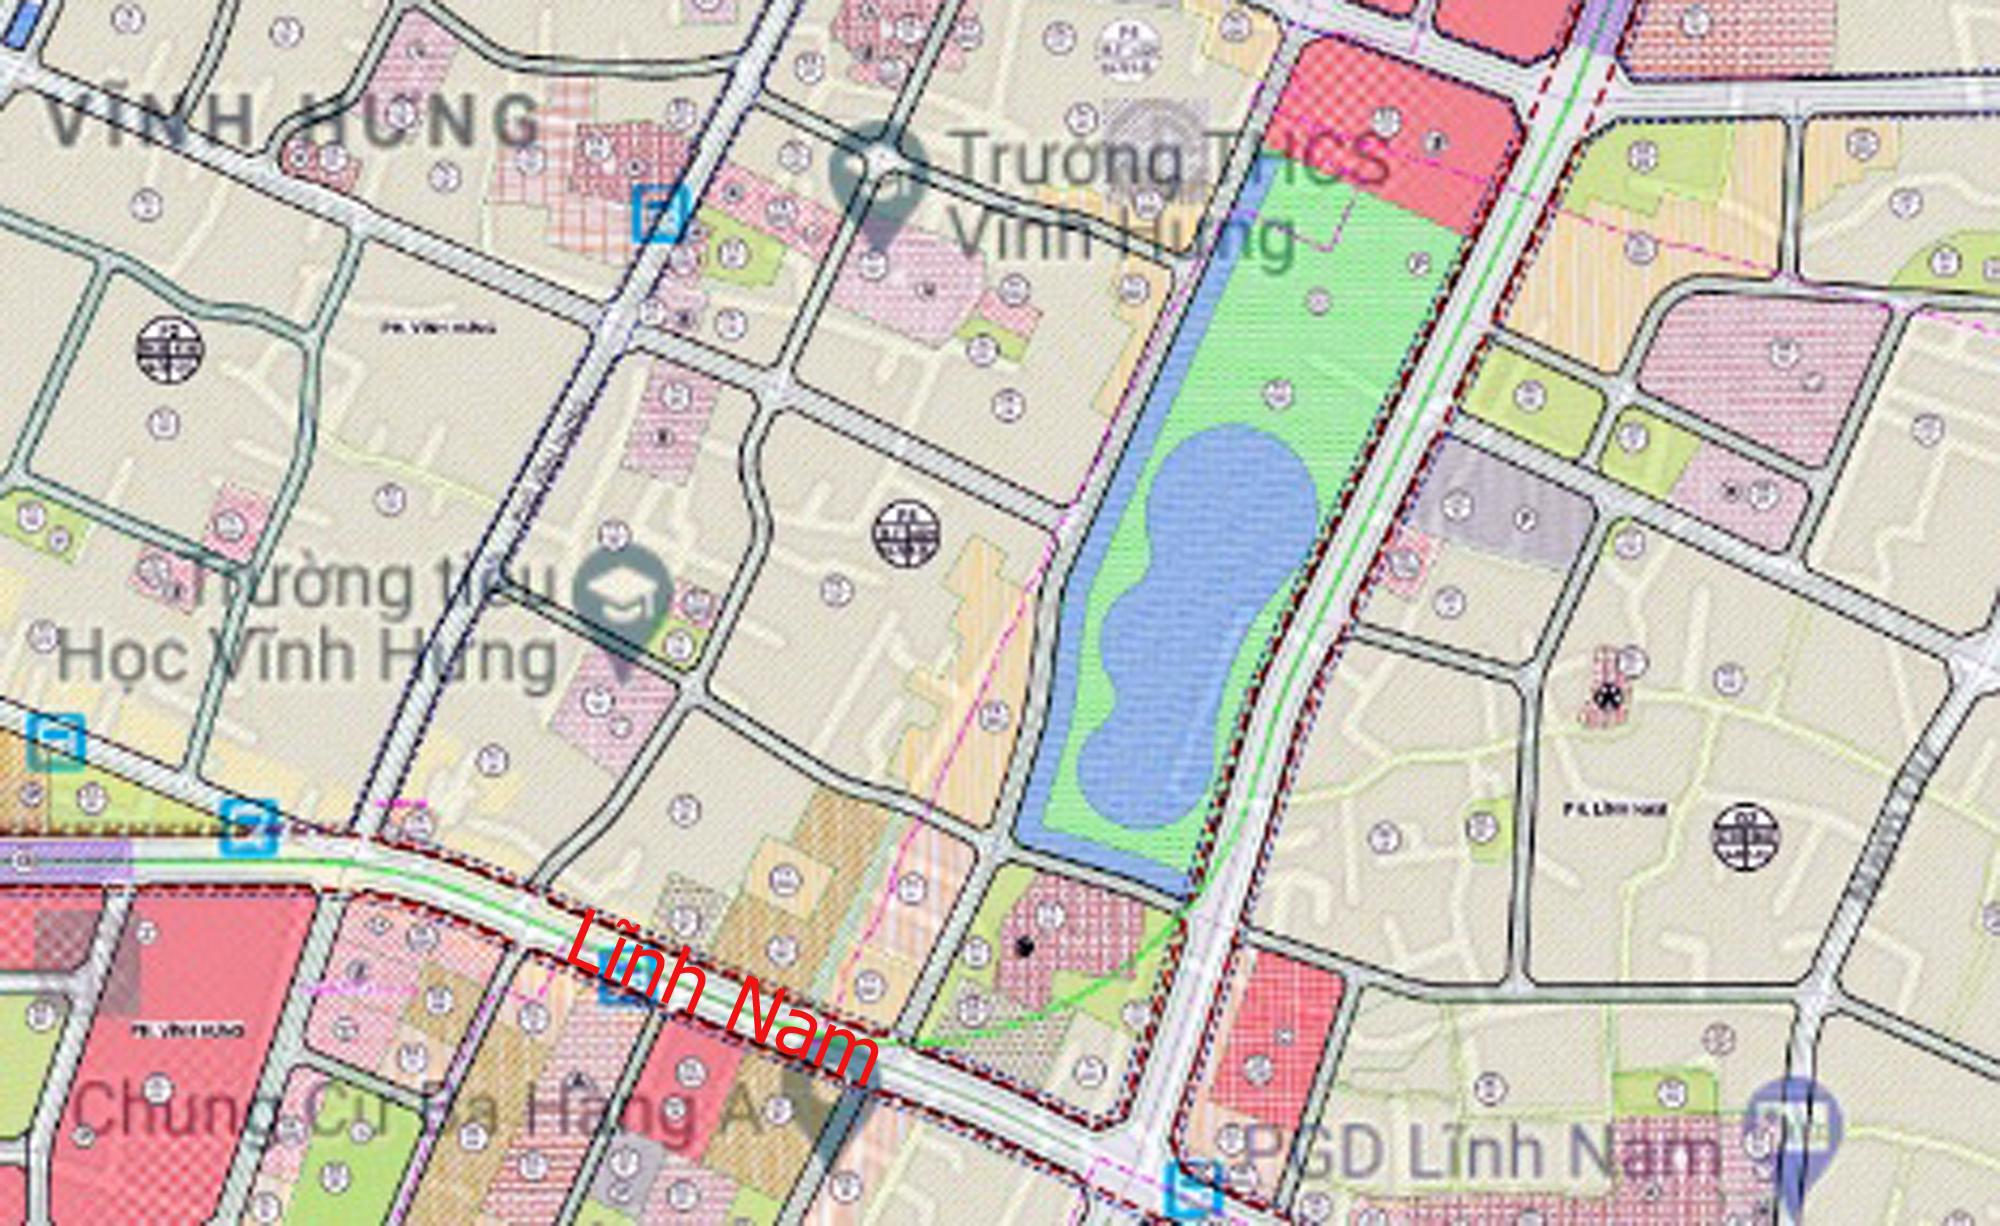 Những dự án chung cư gần các khu đất sẽ đào hồ lớn ở quận Hoàng Mai - Ảnh 6.